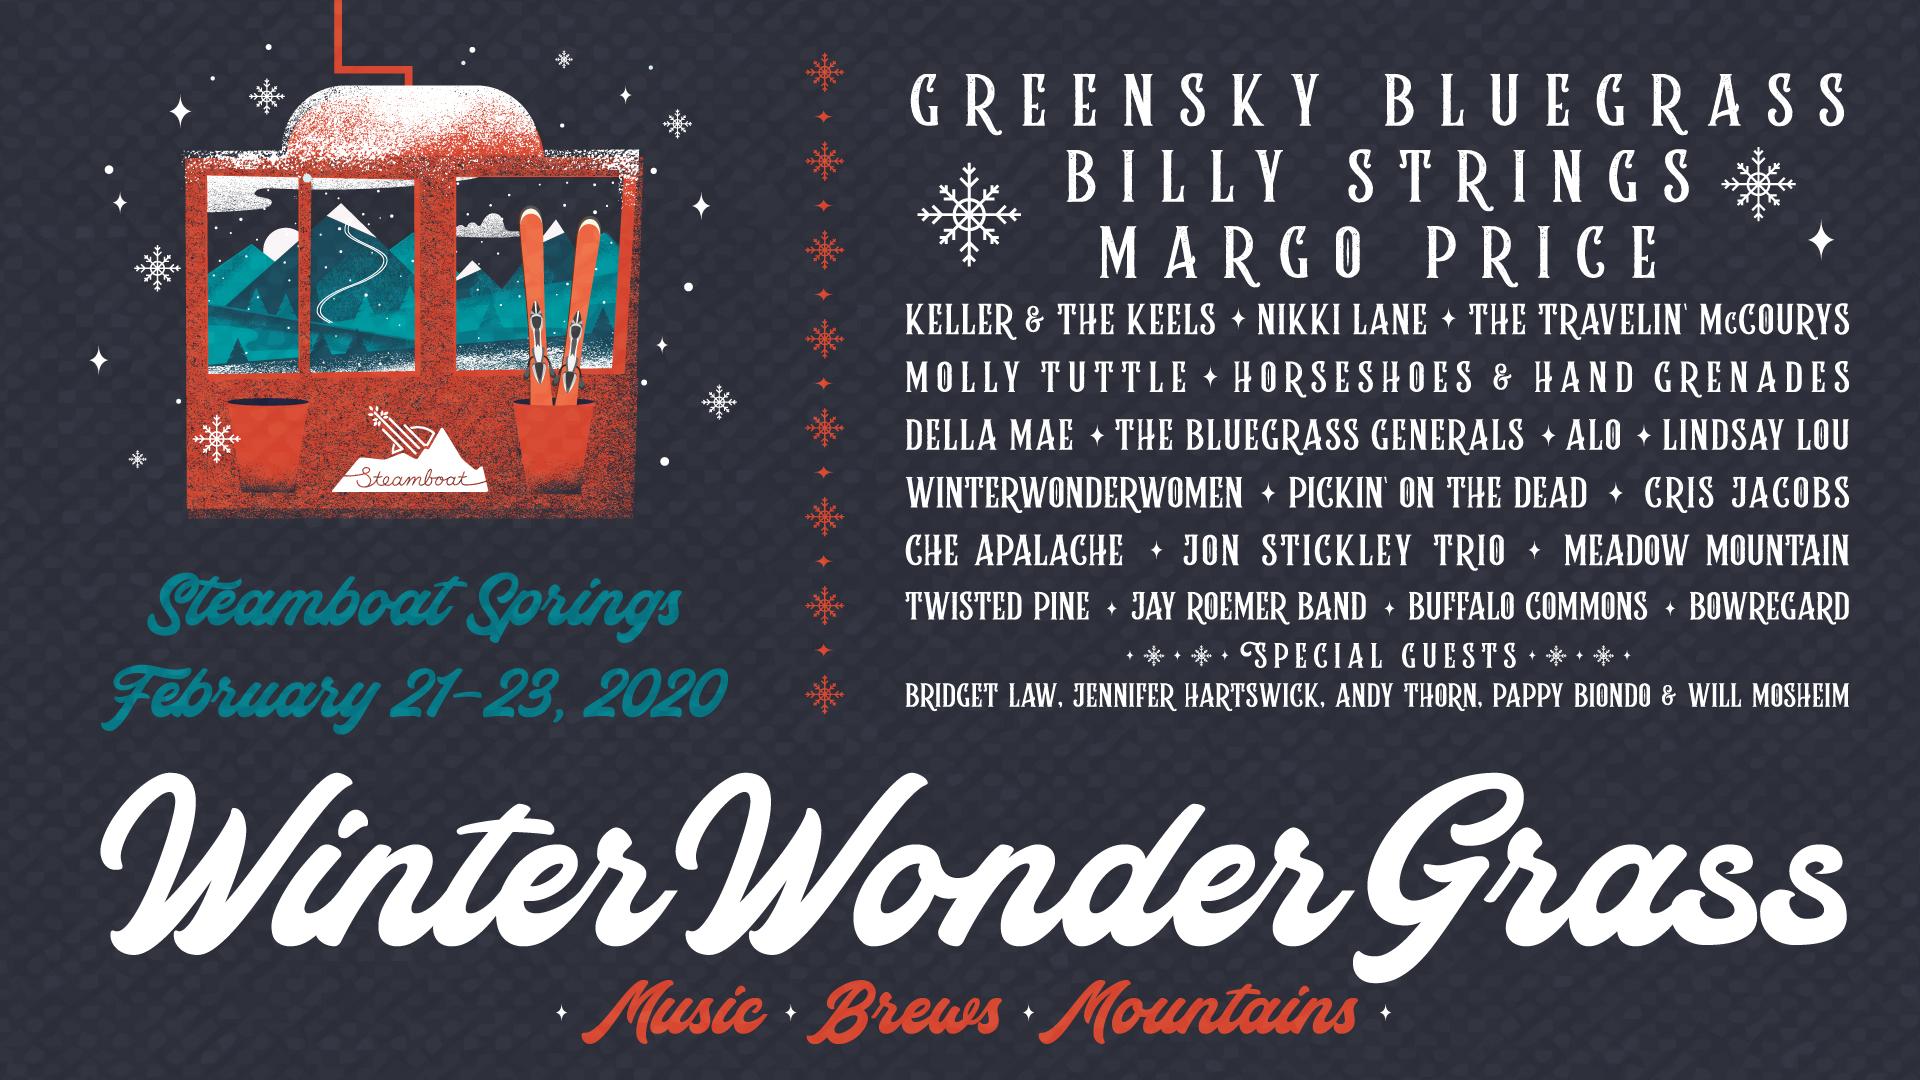 GIVEAWAY: Win Tickets to WinterWonderGrass (Steamboat Springs, CO) Feb 21-23